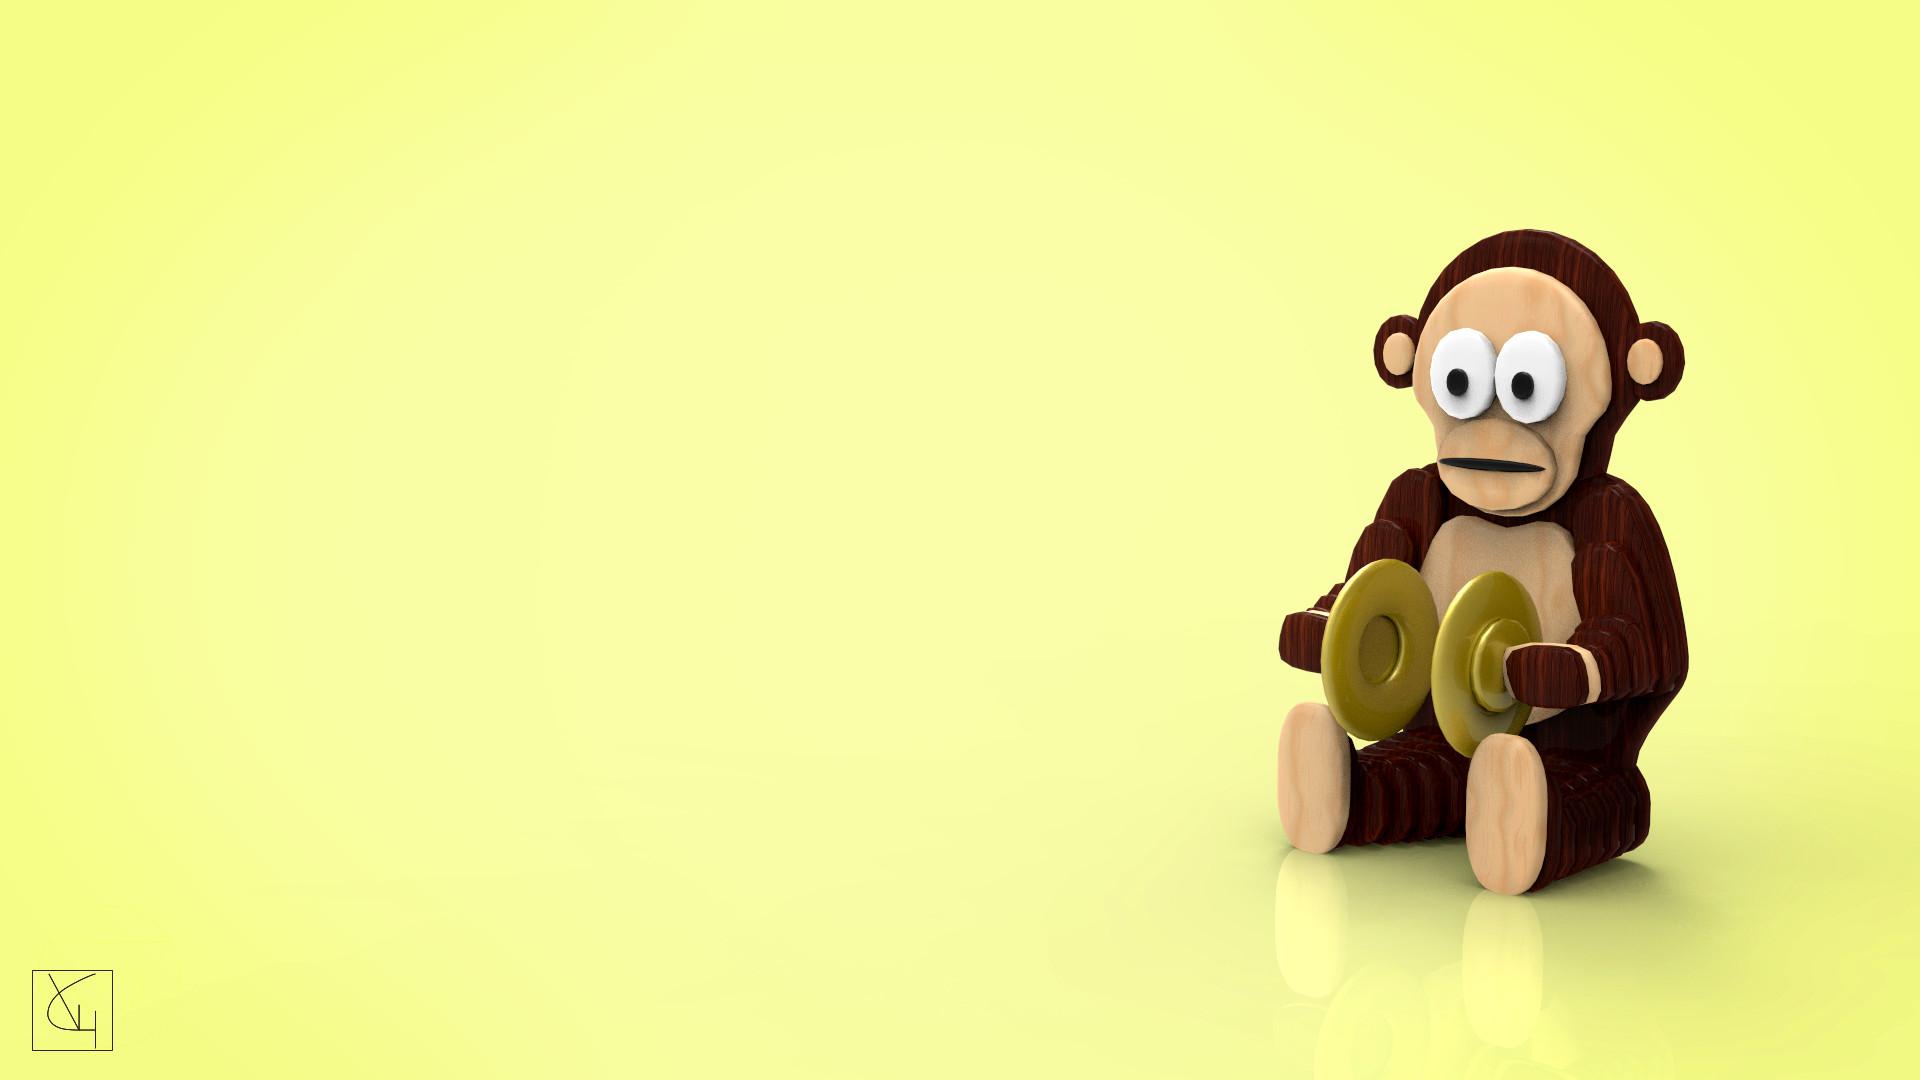 Veronica granadero monkey